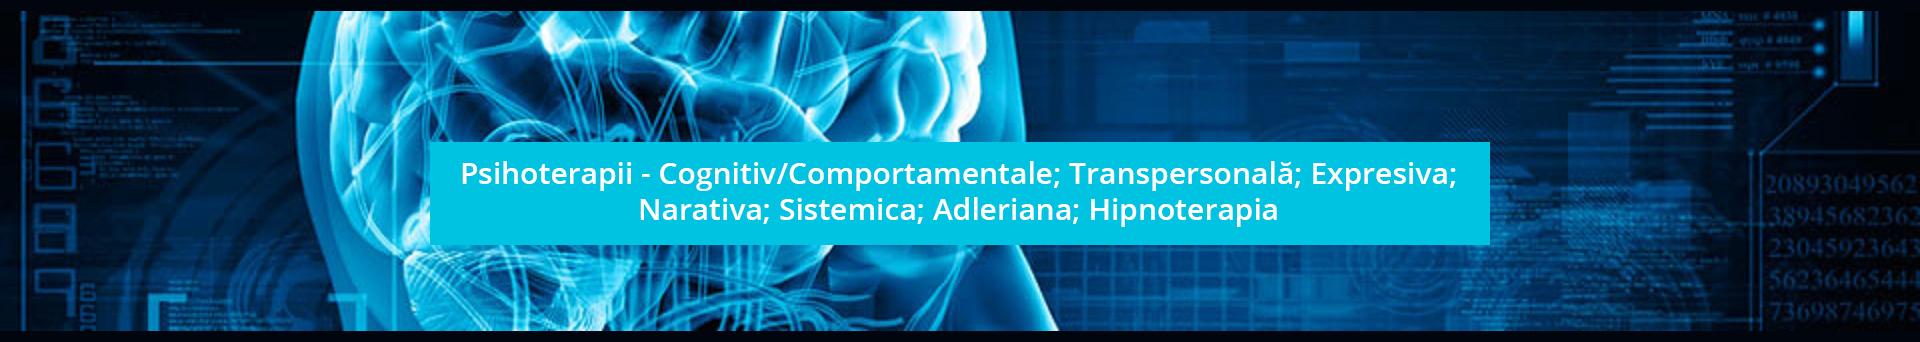 Psihoterapii - Cognitiv/Comportamentale; Transpersonală; Expresiva; Narativa; Sistemica; Adleriana; Hipnoterapia